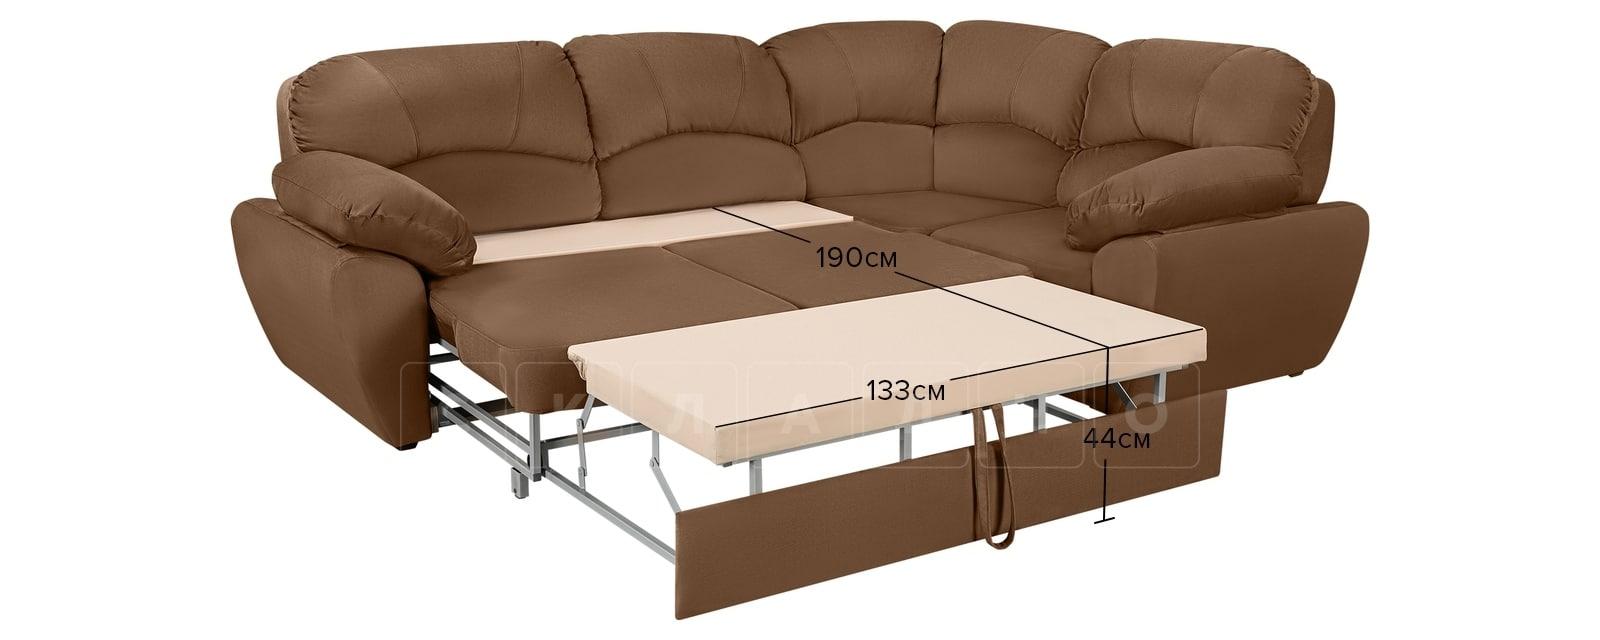 Угловой диван Эвита велюр коричневый правый угол фото 8 | интернет-магазин Складно